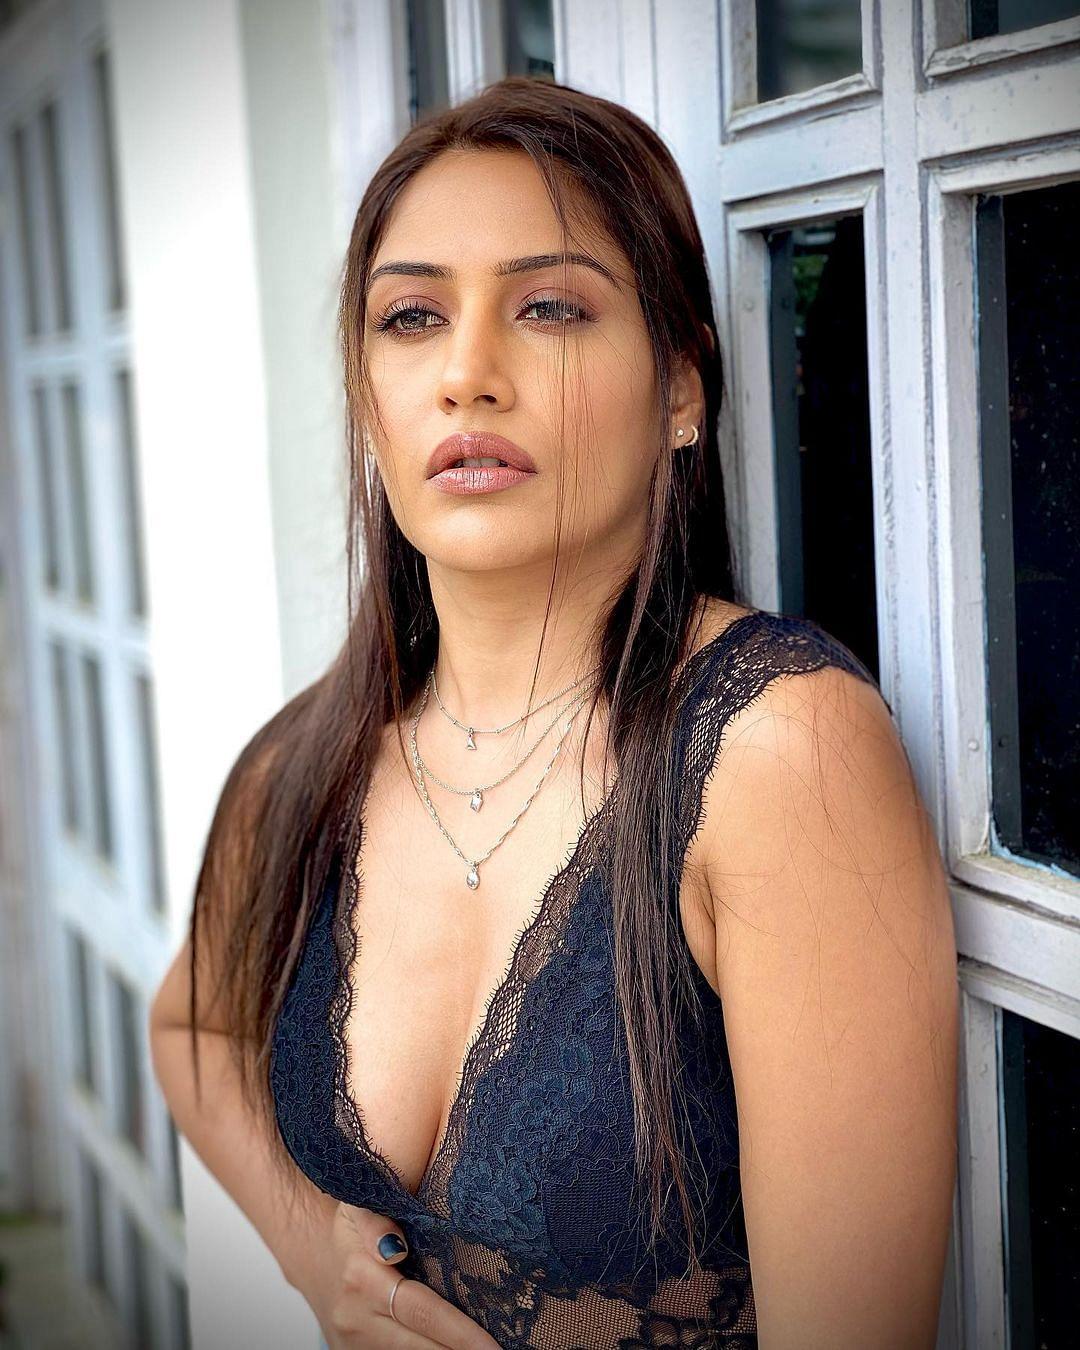 Surbhi Chandna ने ट्रांसपेरेंट ड्रेस में कराया ग्लैमरस फोटोशूट, एक्ट्रेस की इन तसवीरों पर दिल हार बैठे फैंस